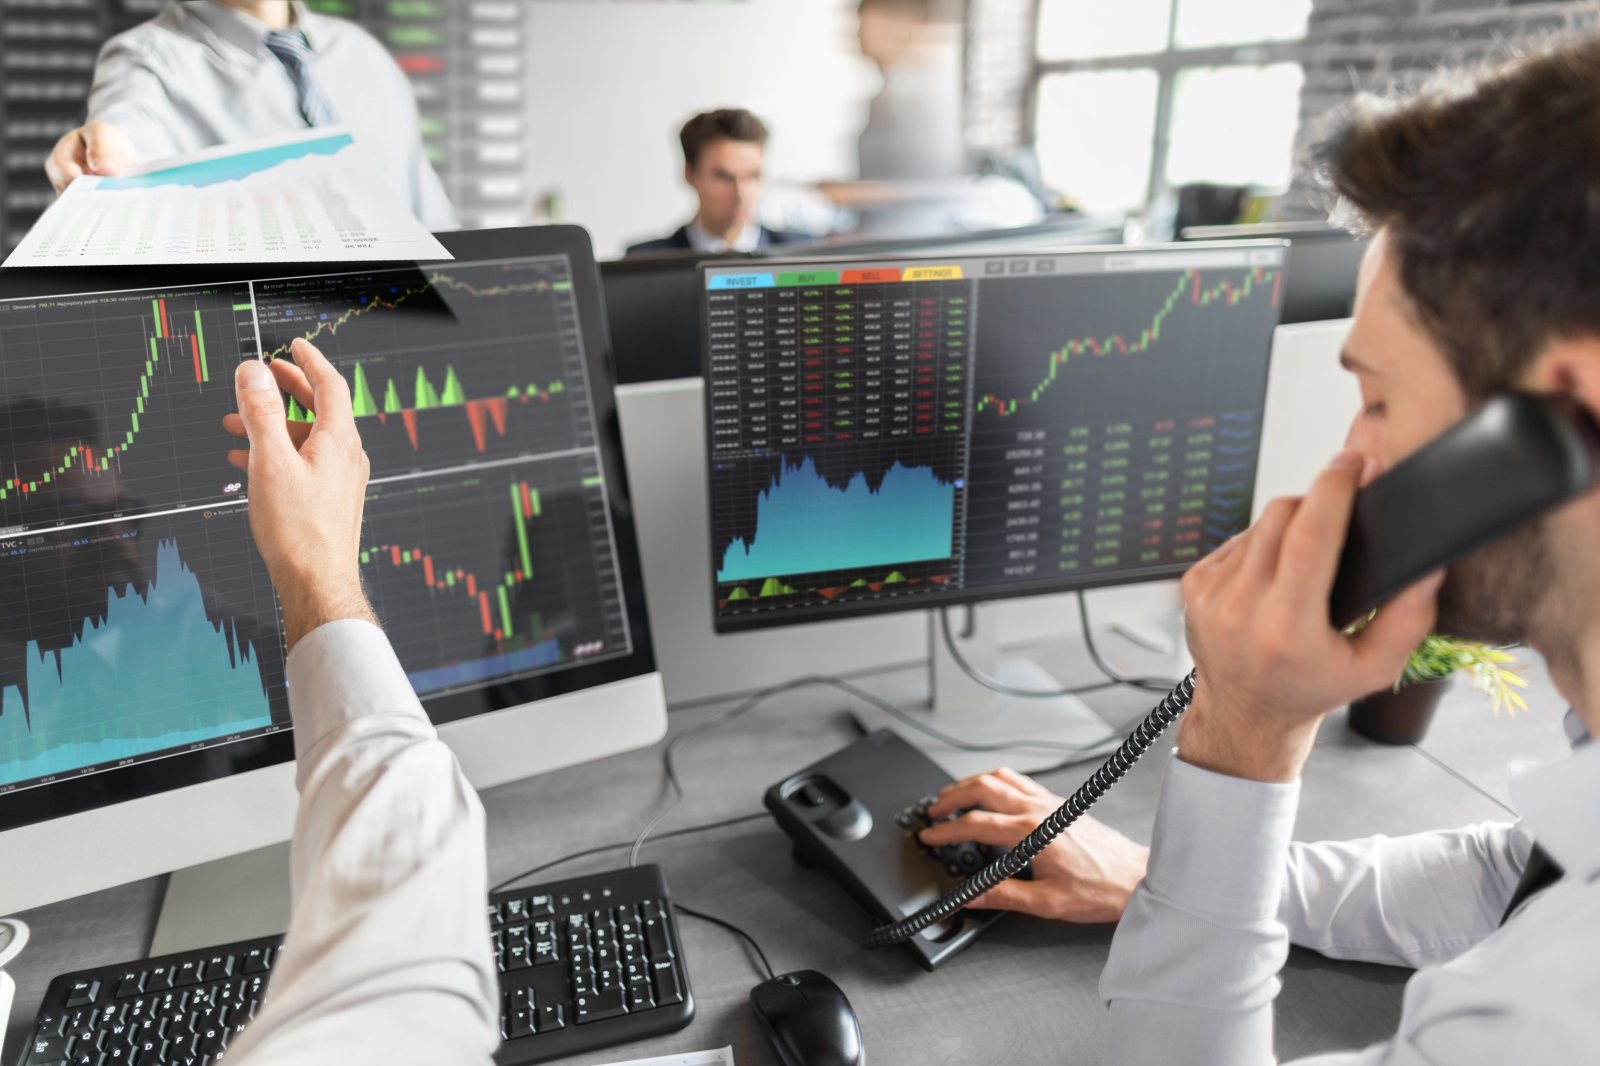 bitkoinas sumaina vieai neatskleist informacij iždo ir prekybos pagrindinių sistemų stebuklingasis kvadrantas